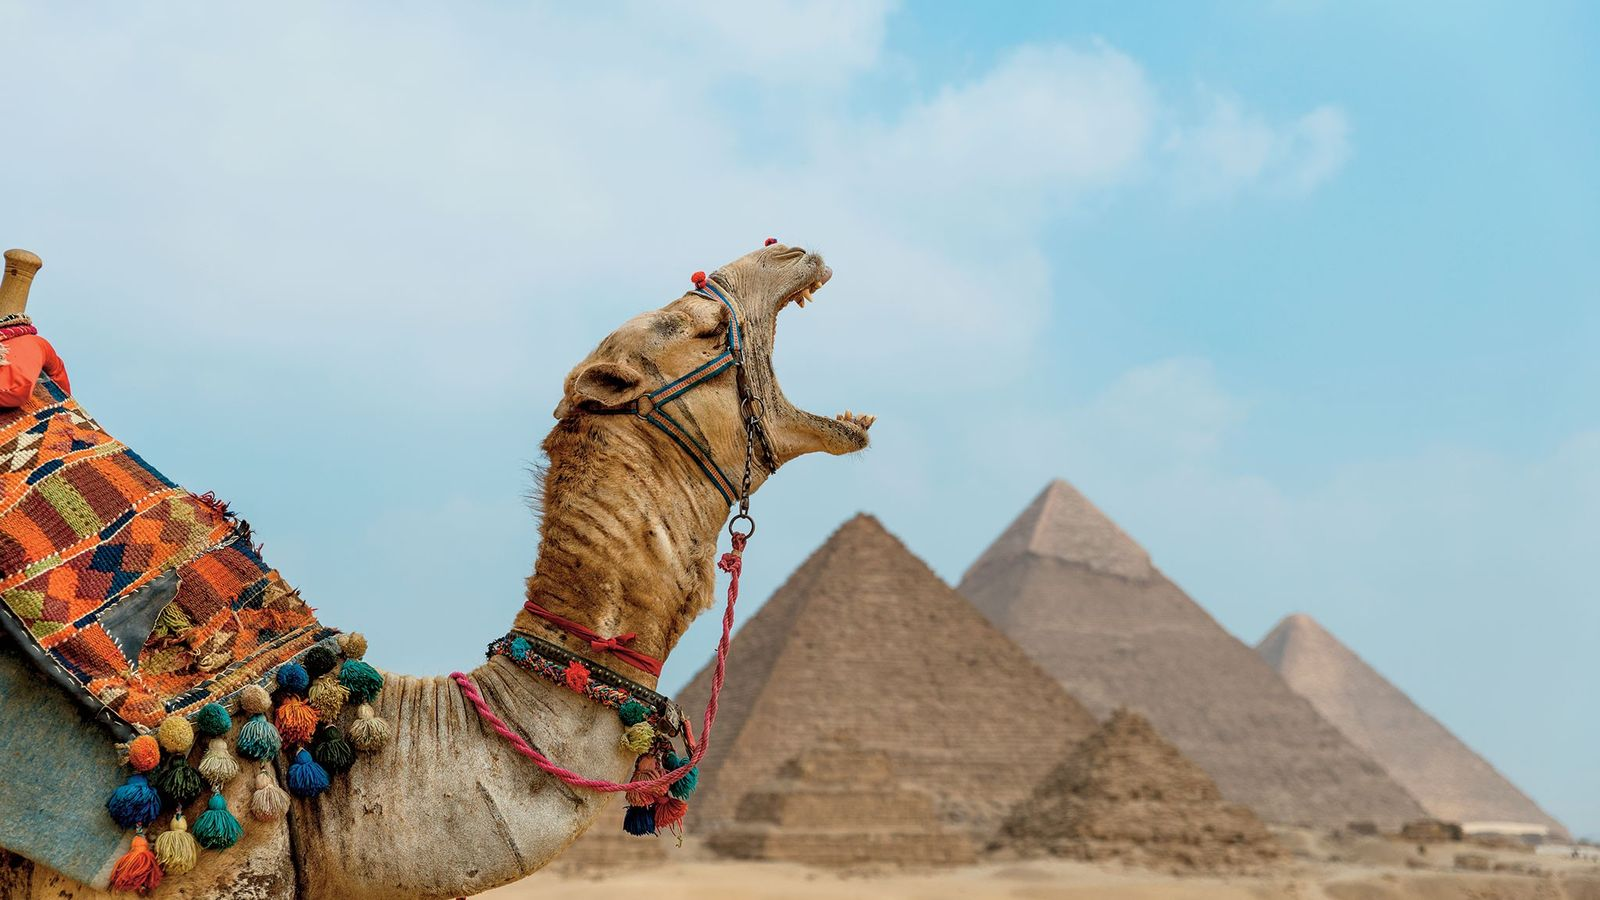 Un dromadaire fatigué laisse échapper un bâillement devant les pyramides de Gizeh.